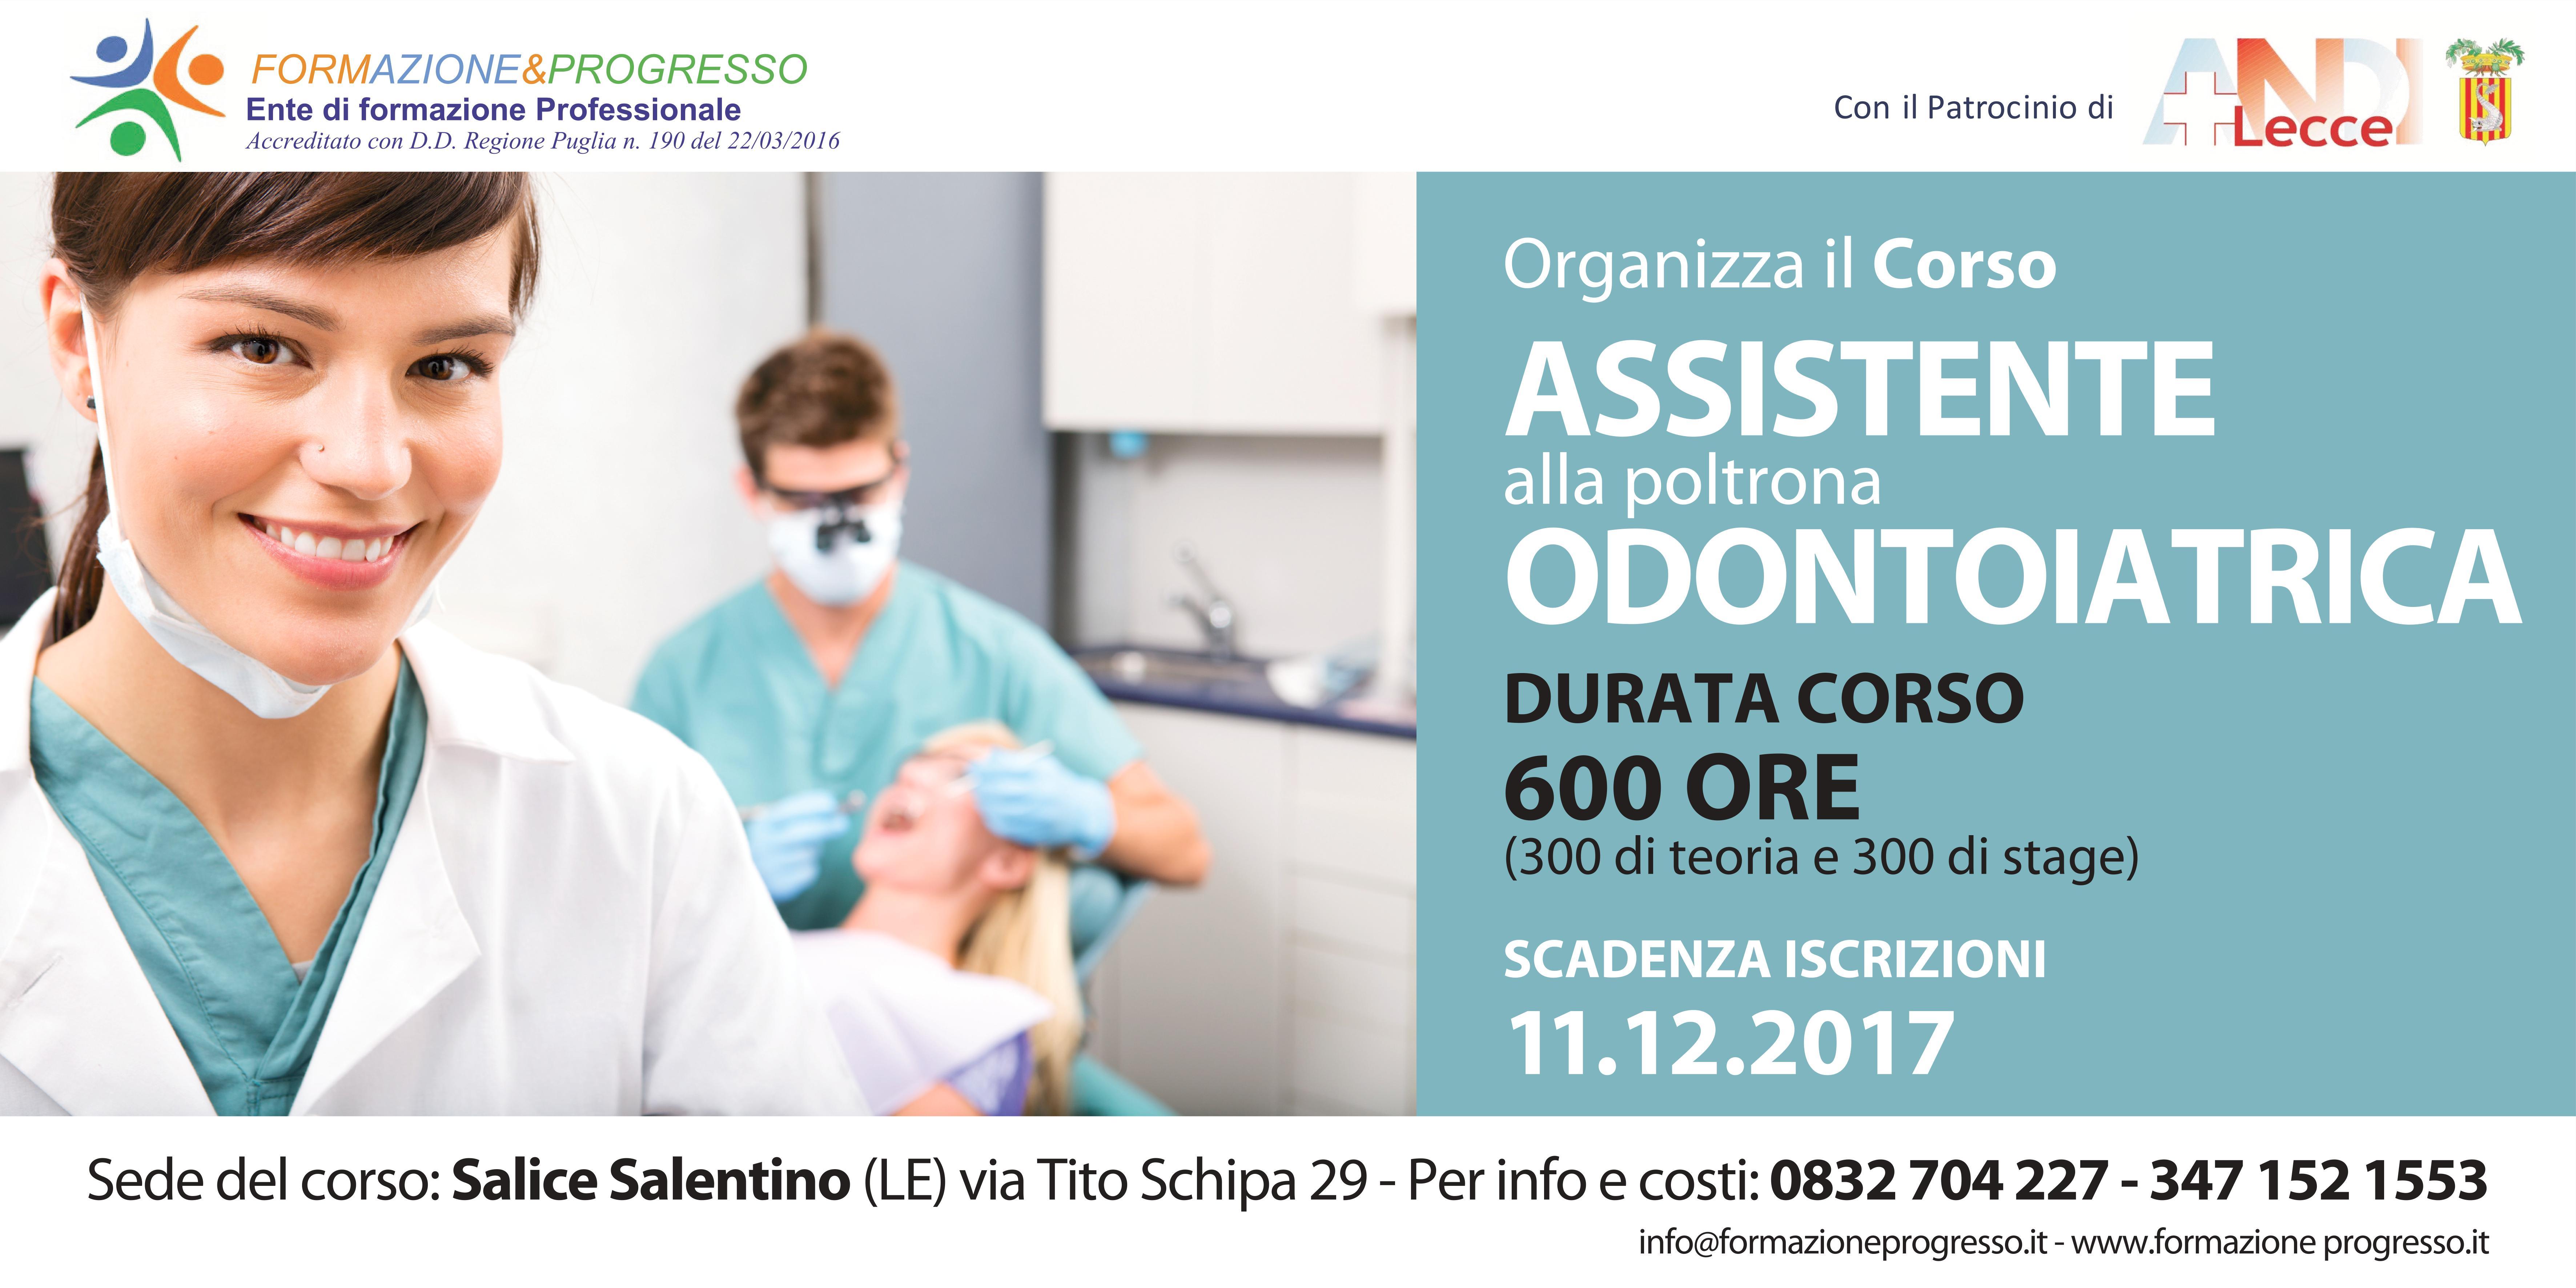 Assistente di studio odontoiatrico formazione progresso